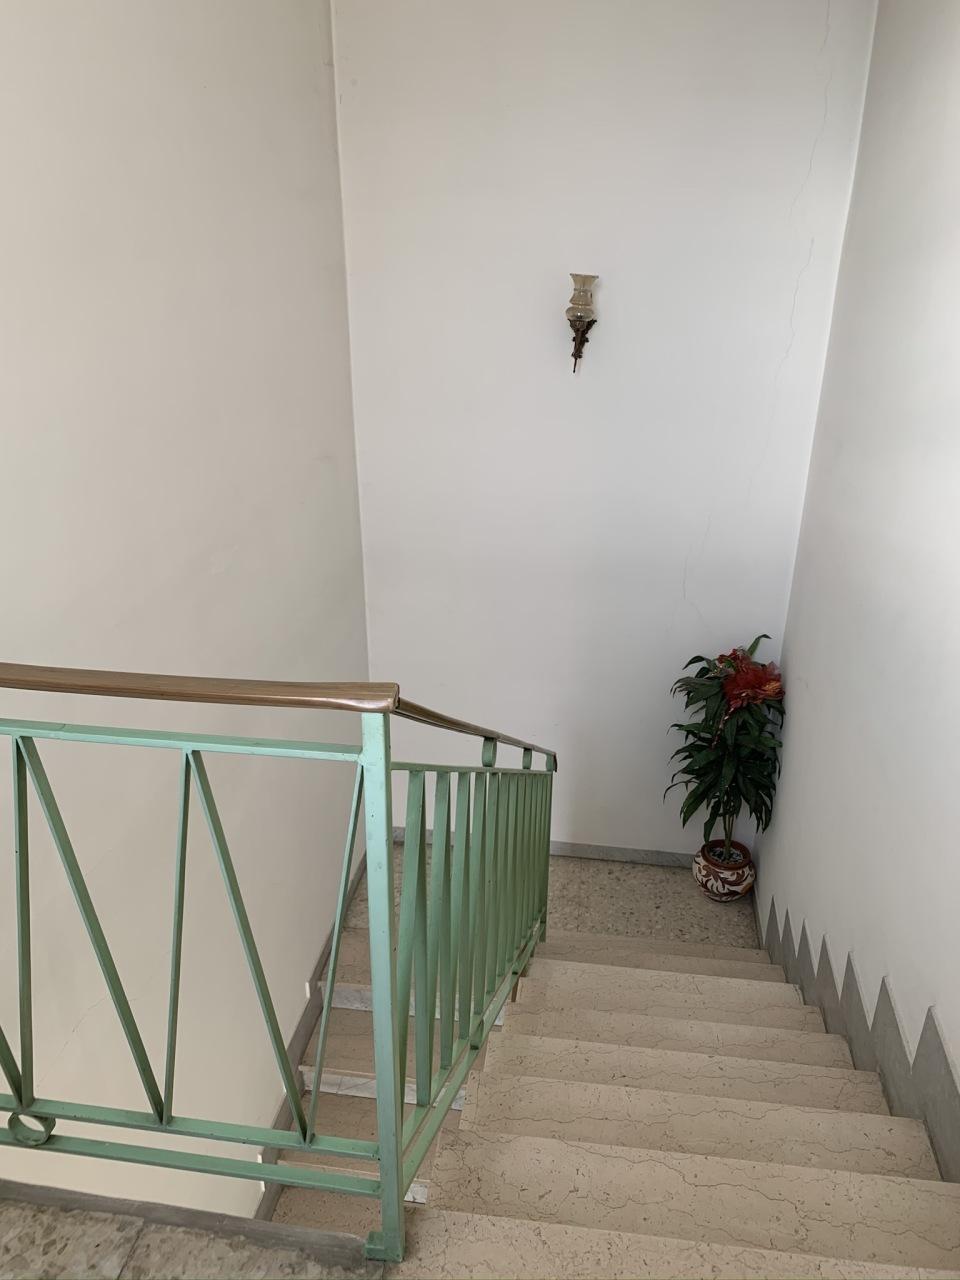 Semindipendente - Terratetto a Paese Alto/Centro Storico, San Benedetto del Tronto